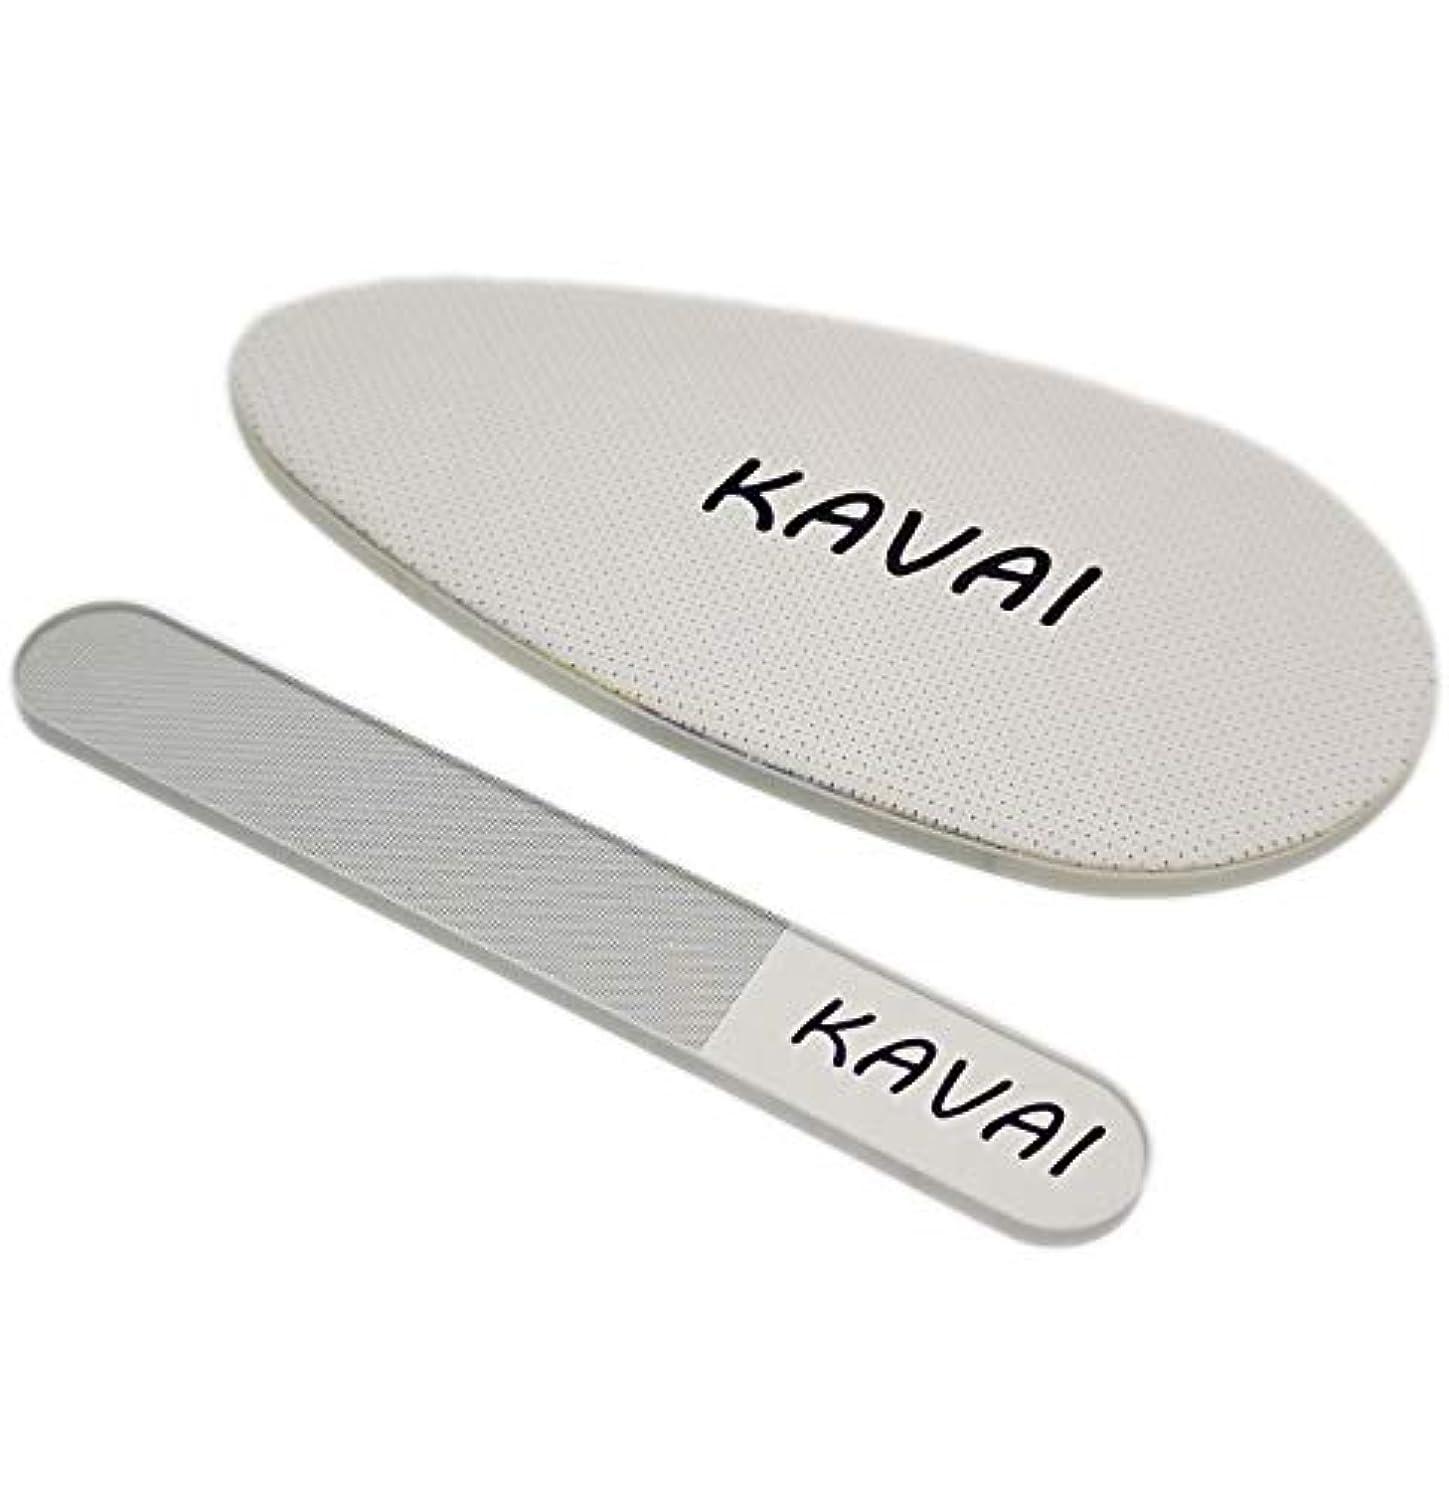 冷える硫黄不毛Kavai かかと削り, かかと 角質取り ガラス, ガラス製かかとやすり 足 かかと削り かかと削り かかと磨き ガラス製 爪やすり (爪やすり)